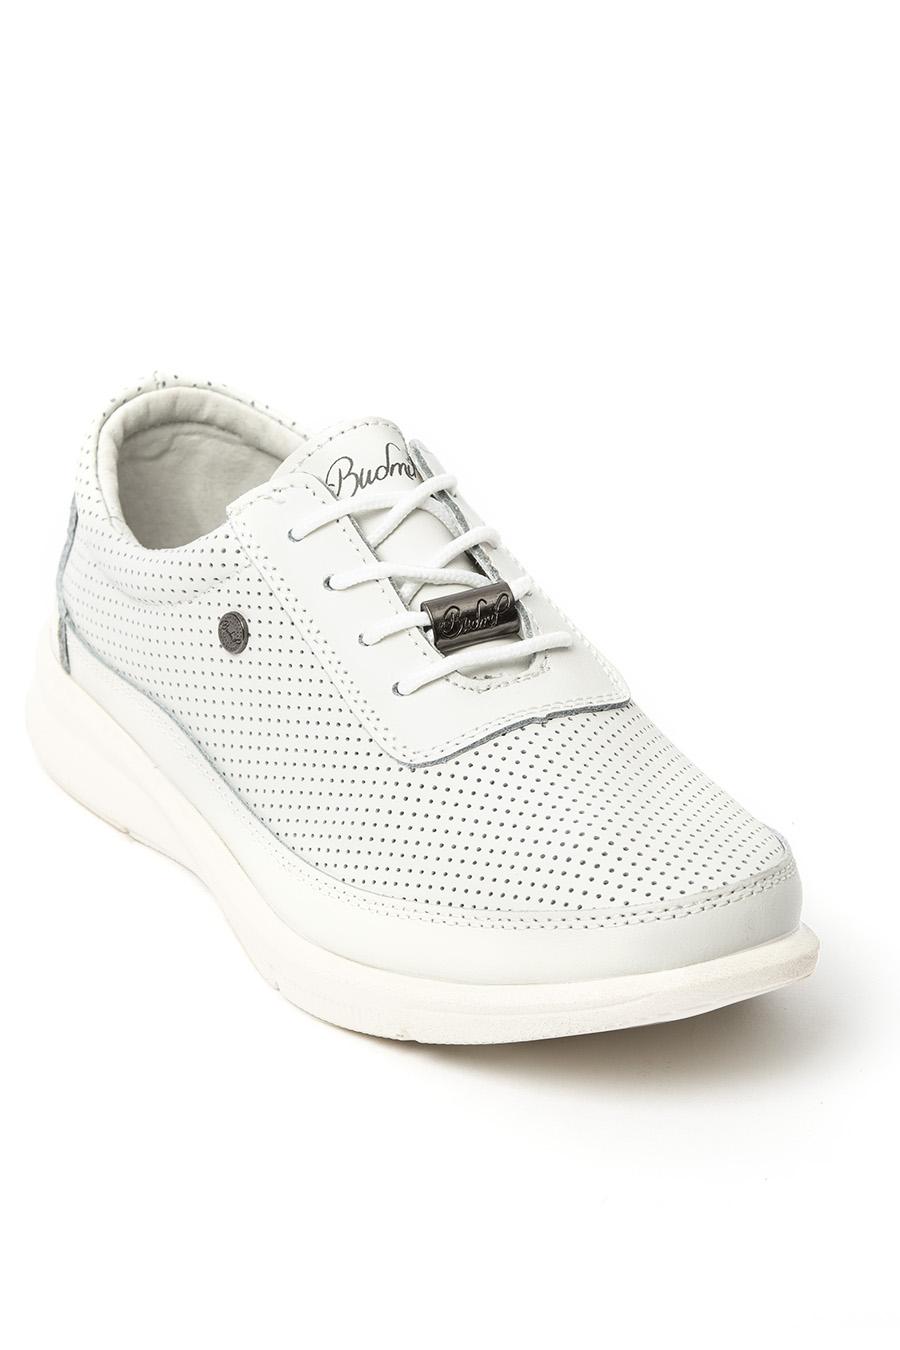 Utcai cipő fehér Kényelmes Női Cipők | budmil Utcai cipő | budmil